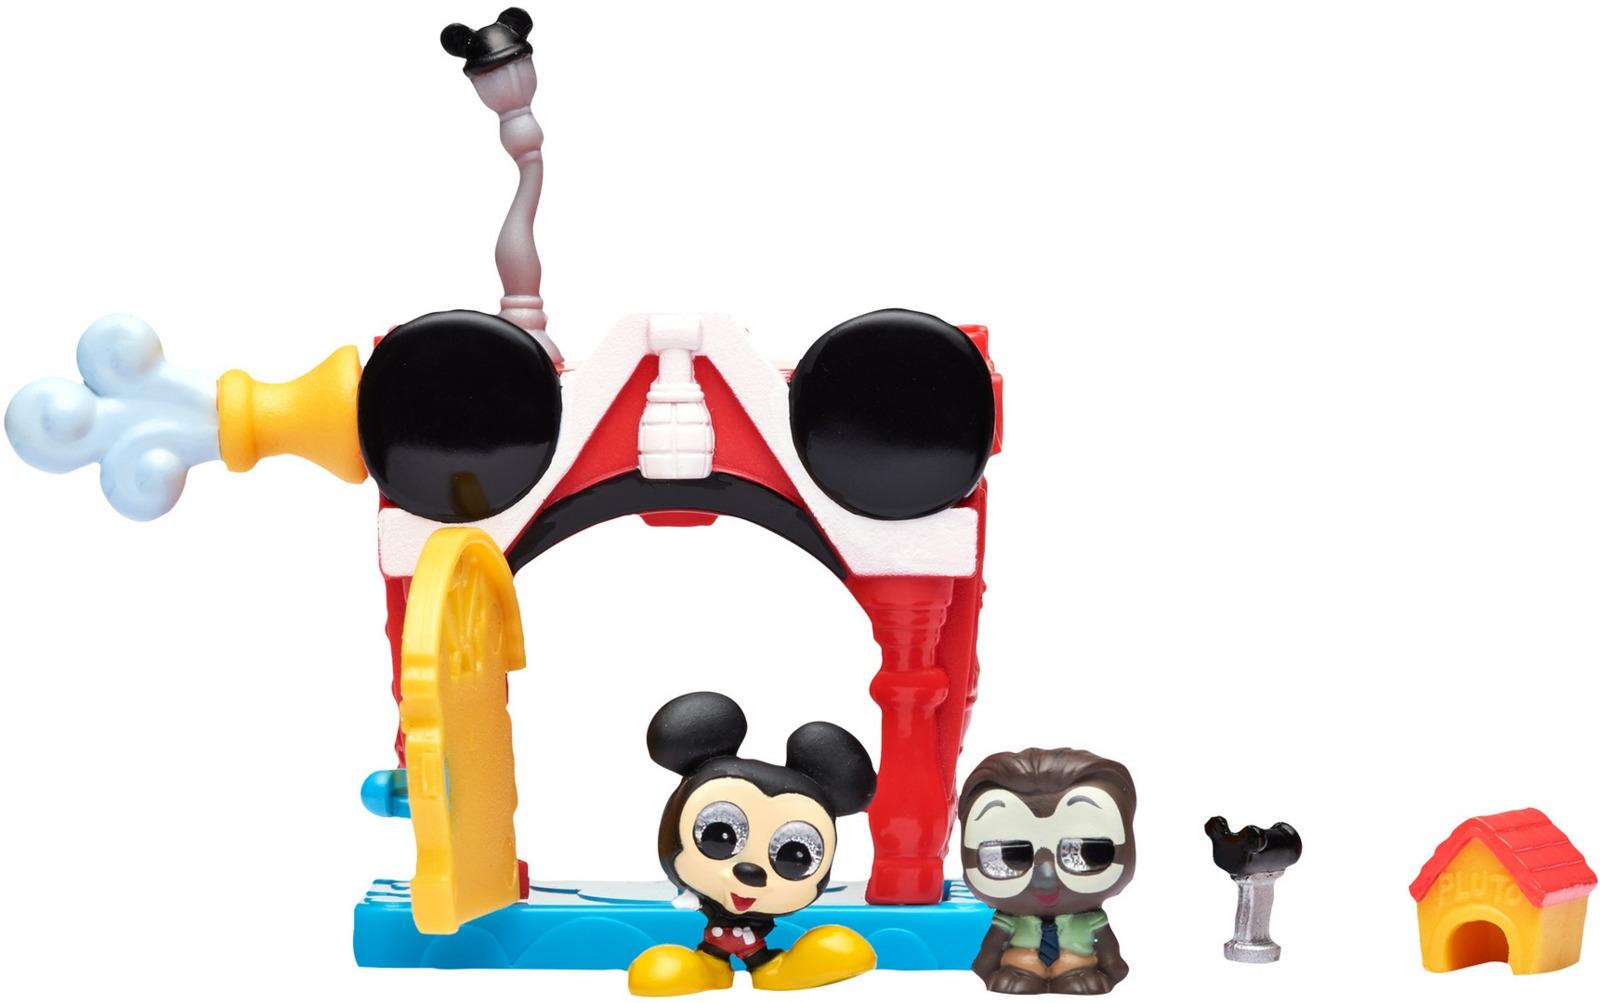 """Набор игровой Moose Disney Doorables """"Микки Маус и друзья"""", 69419, с аксессуарами"""